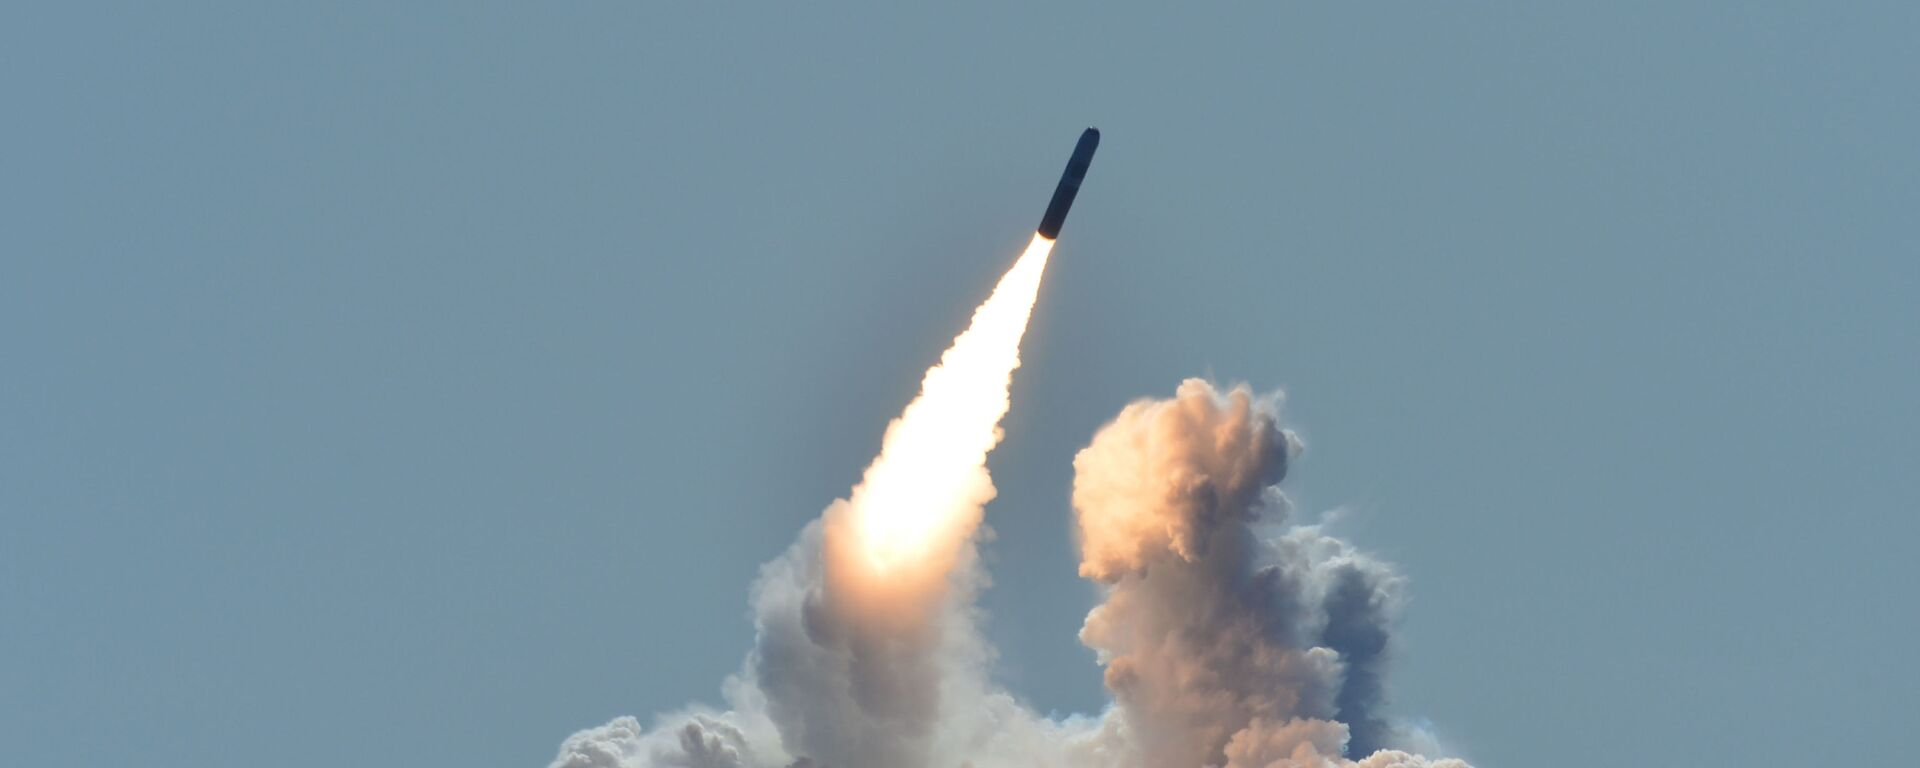 Lansiranje rakete Trajdent II D5 sa američke podmornice Nebraska nedaleko od obale Kalifornije - Sputnik Srbija, 1920, 30.08.2021